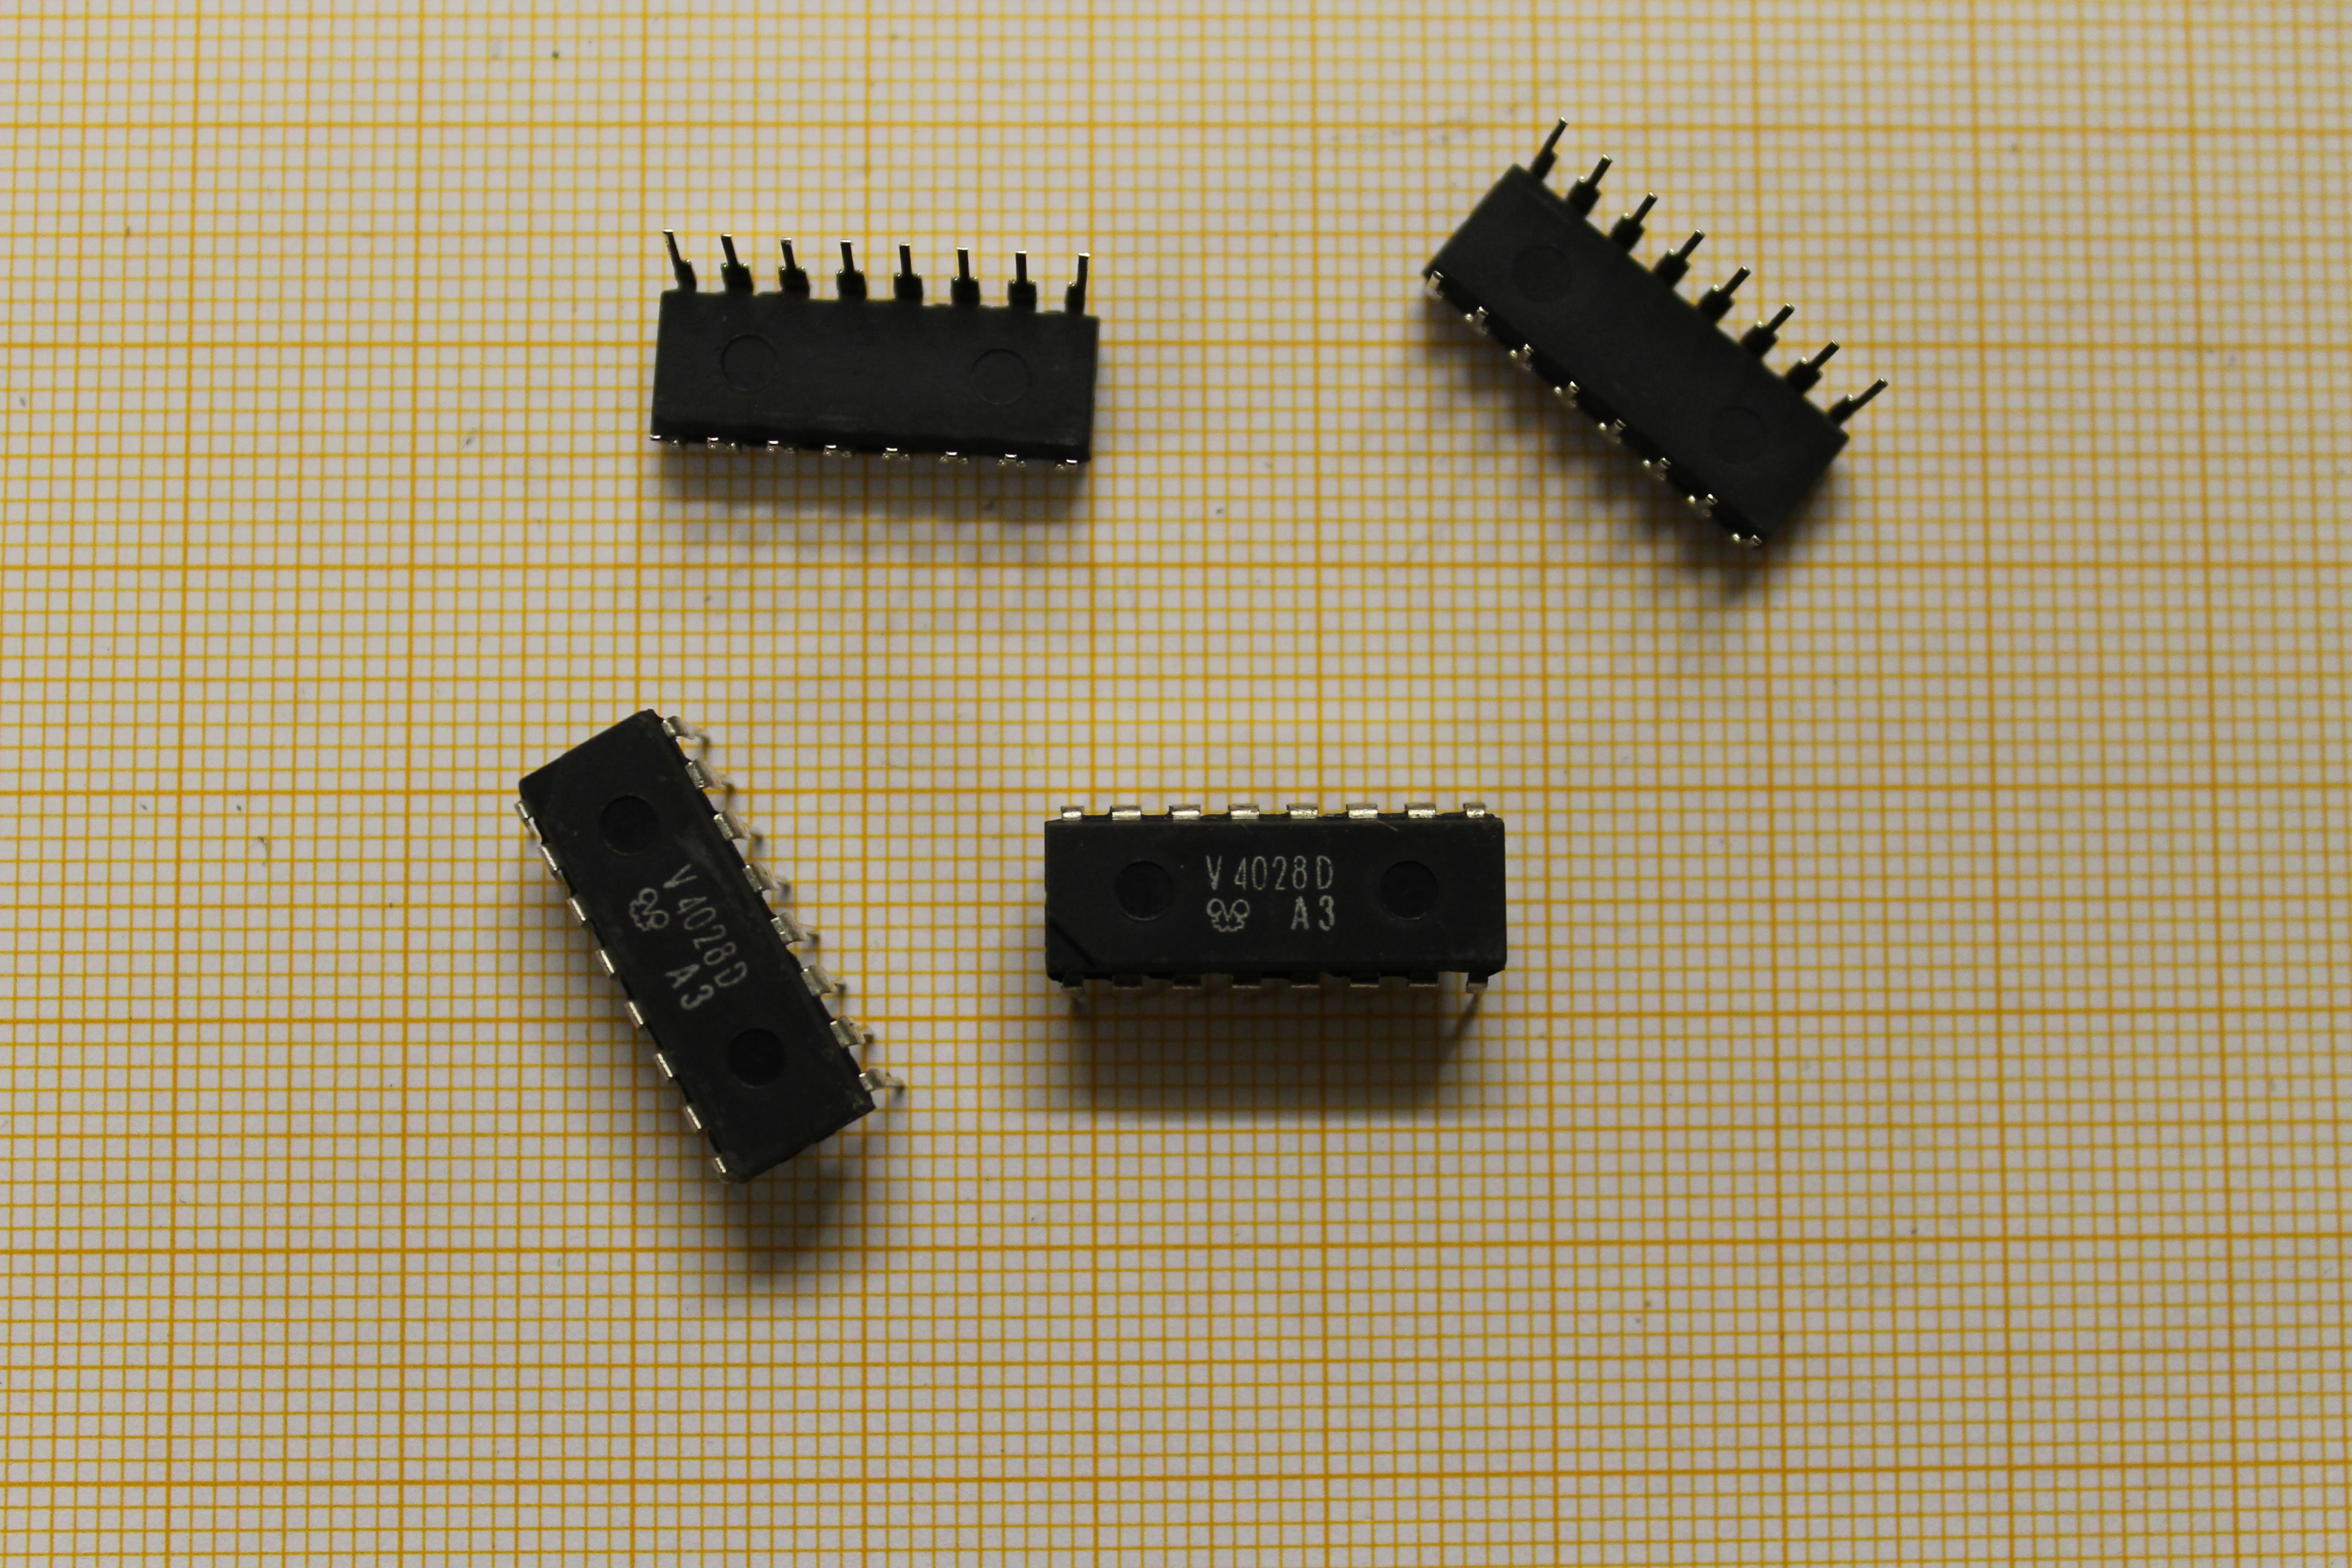 V4028 - Schaltkreis Datasheet